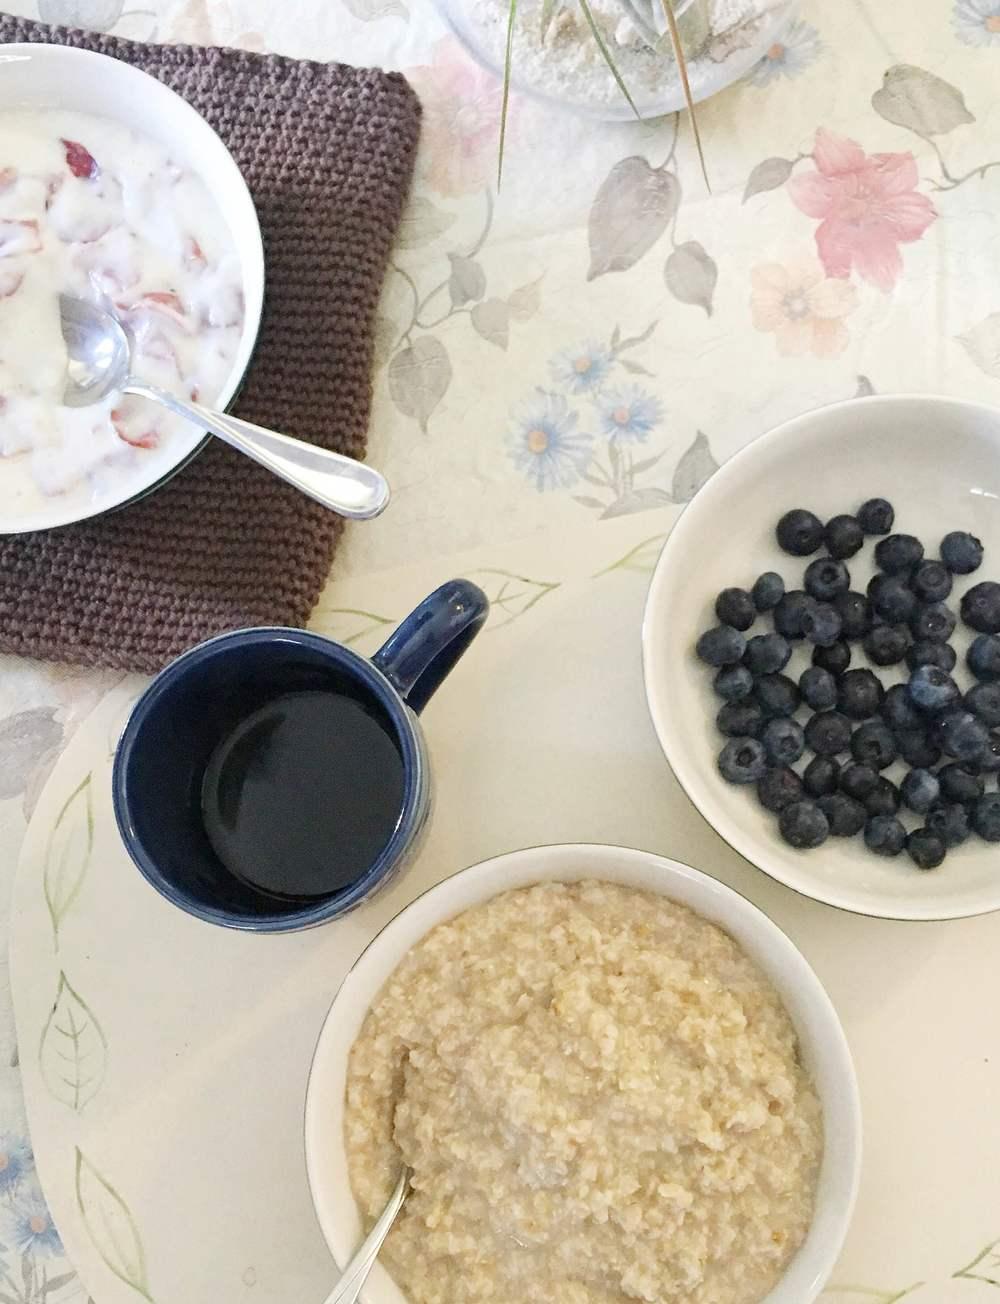 breakfast - my favorite